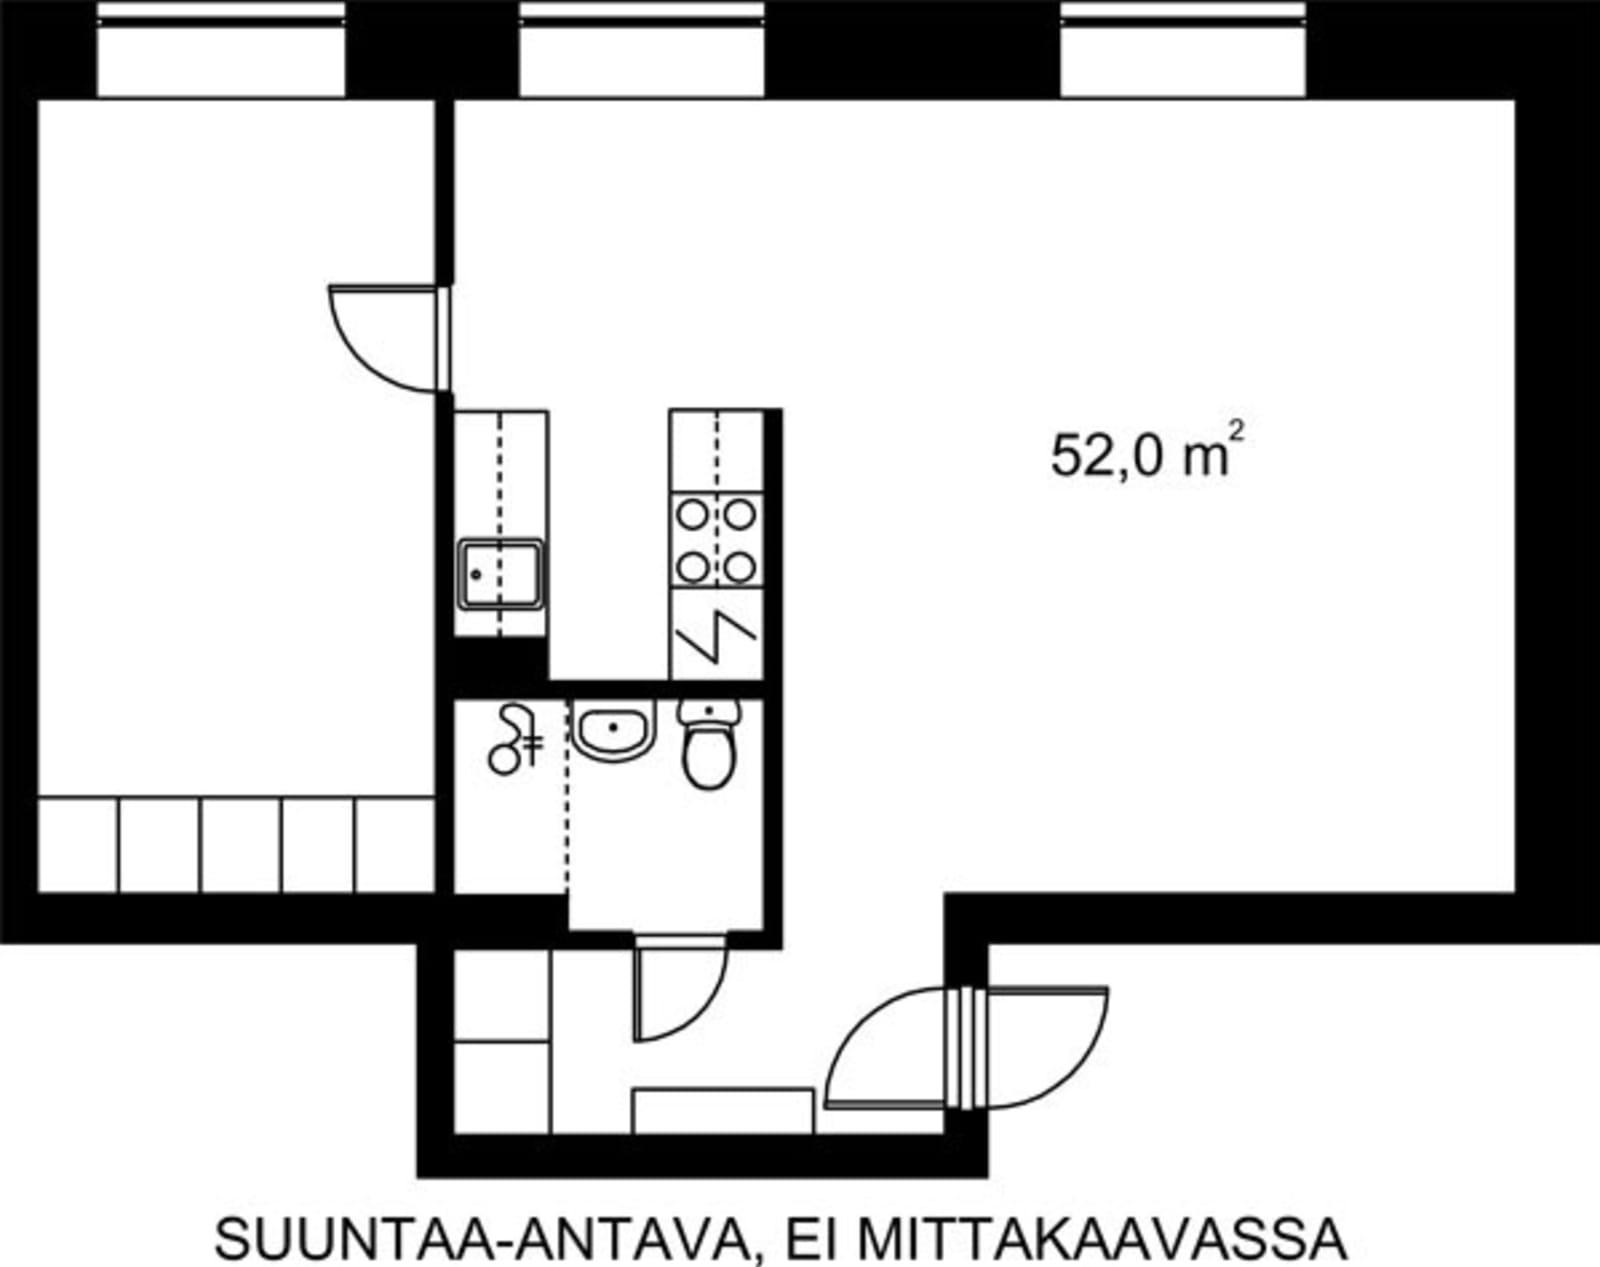 Helsinki, Kruununhaka, Snellmaninkatu 23 C 028